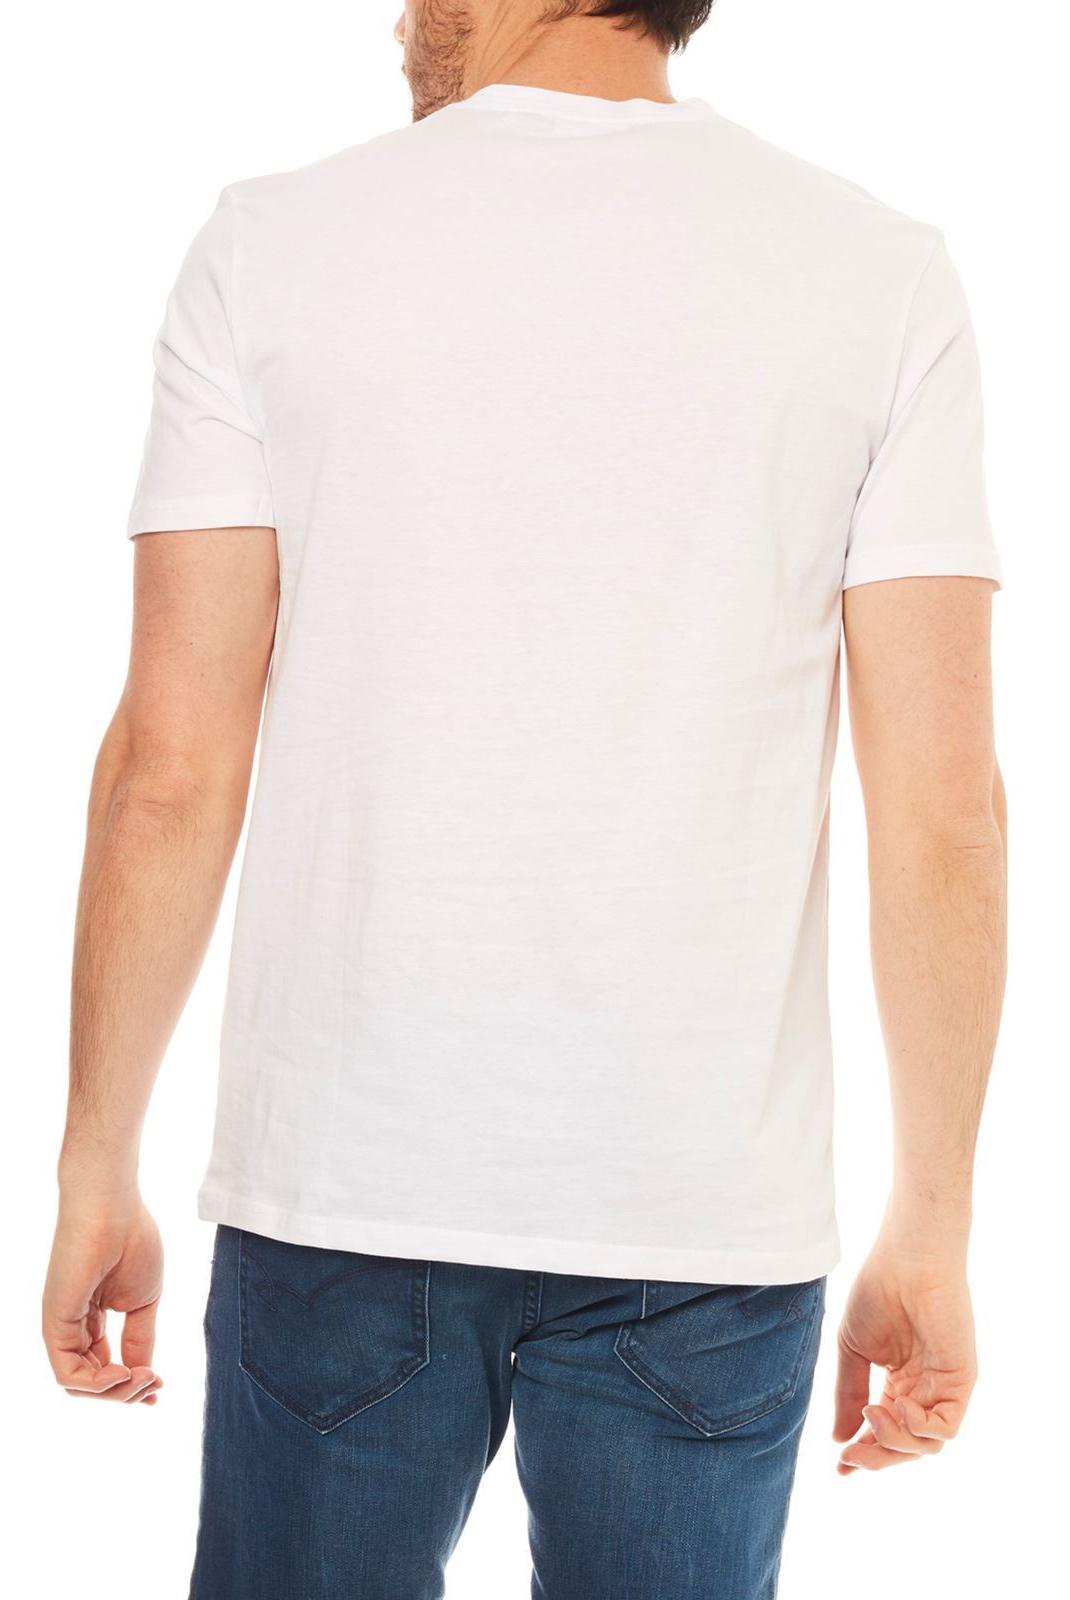 Tee-shirts  Kaporal POGGO WHITE